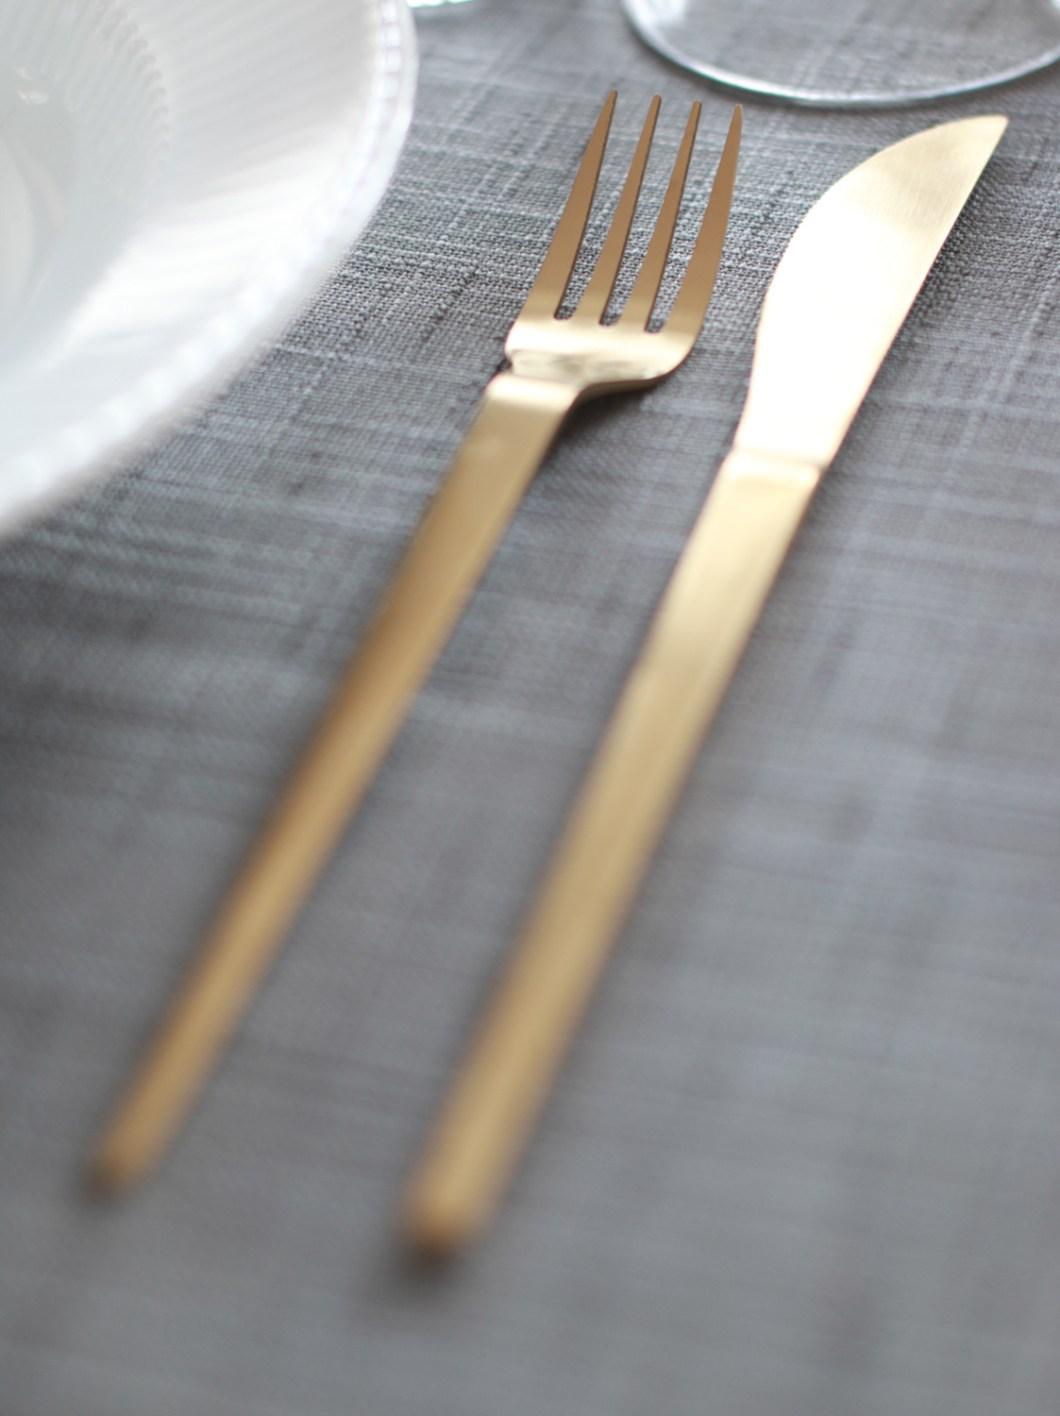 borddekkingstips-gullbestikk-er-fint-pa-julebordet